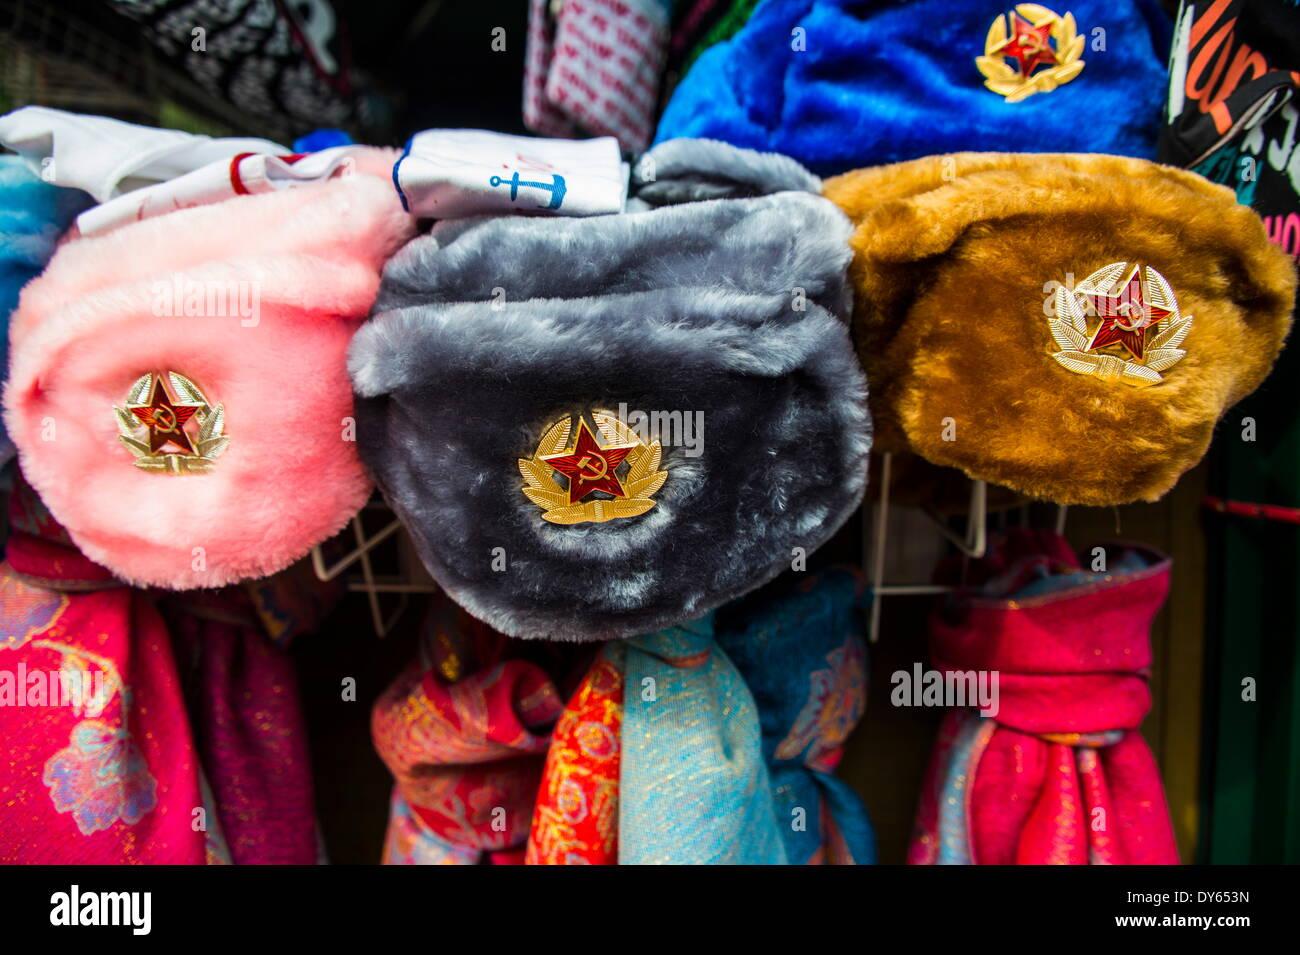 Sombreros de piel soviético para la venta en Peterhof (Petrodvorets), San Petersburgo, Rusia, Europa Imagen De Stock